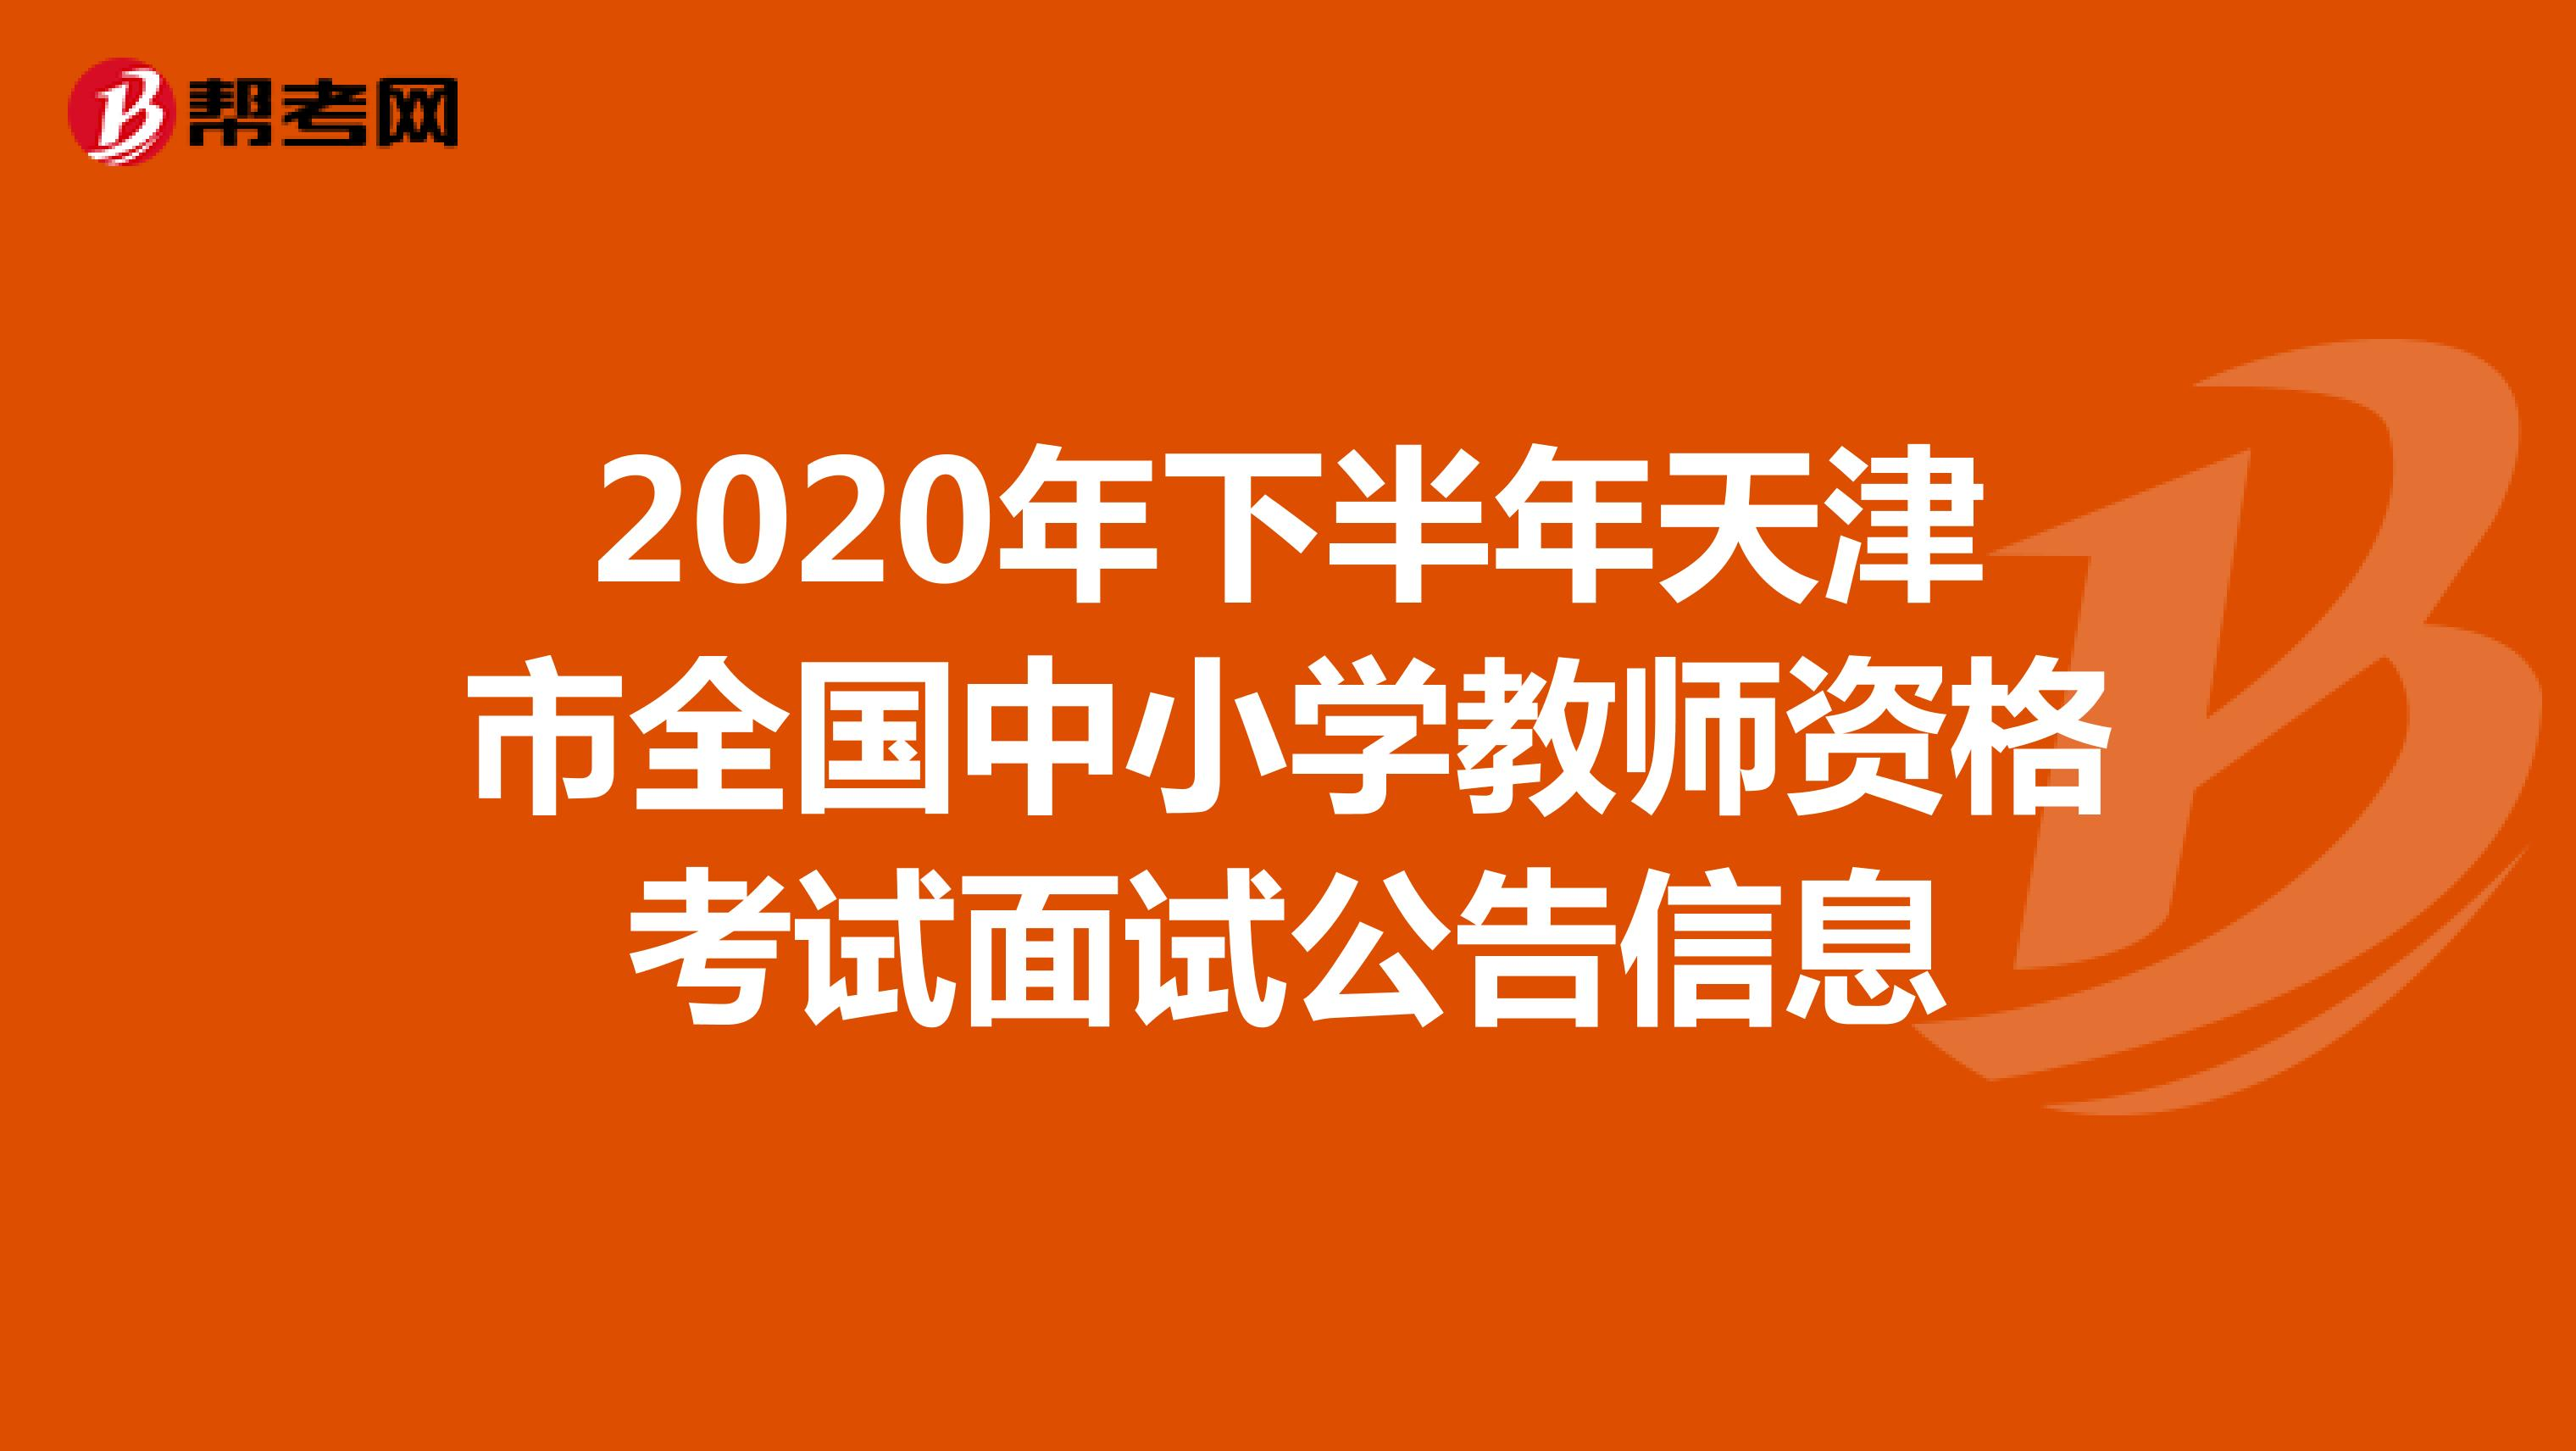 2020年下半年天津市全国中小学教师资格考试面试公告信息